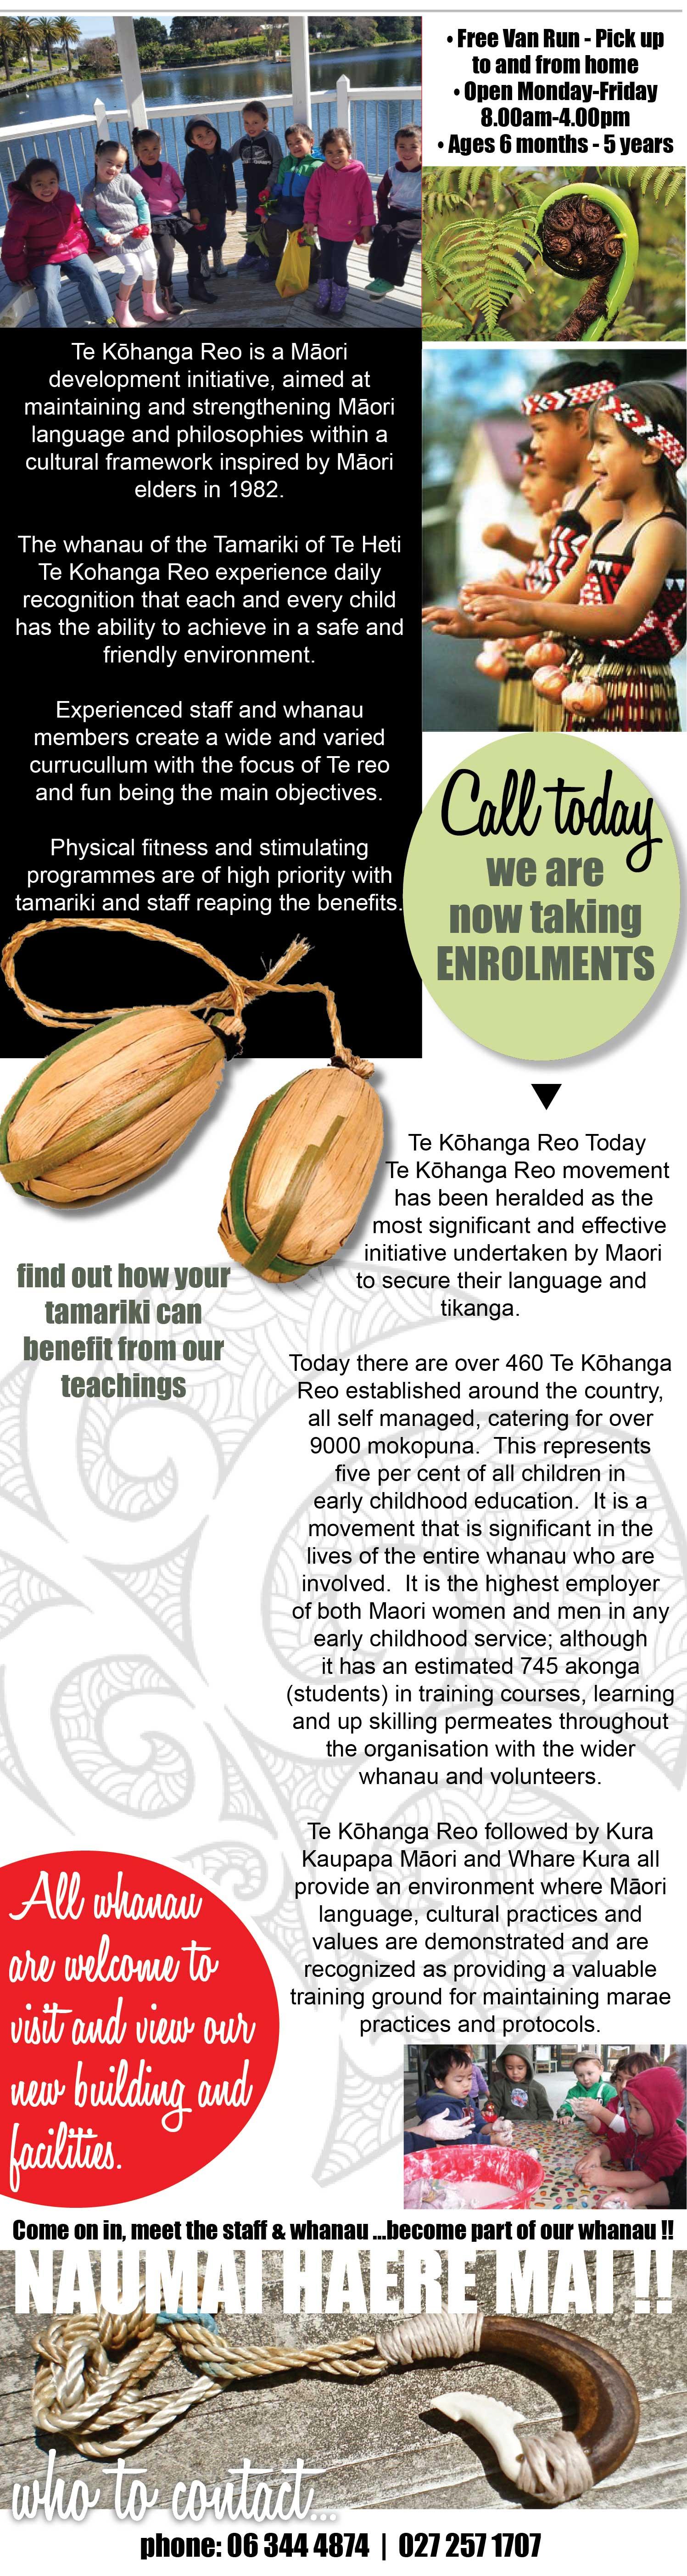 Te Heti Te Kohanga Reo, Whanganui. Free van pick up & drop off. Ages 6 months to 5 years. Enrolements taken now. Maori development initiative.